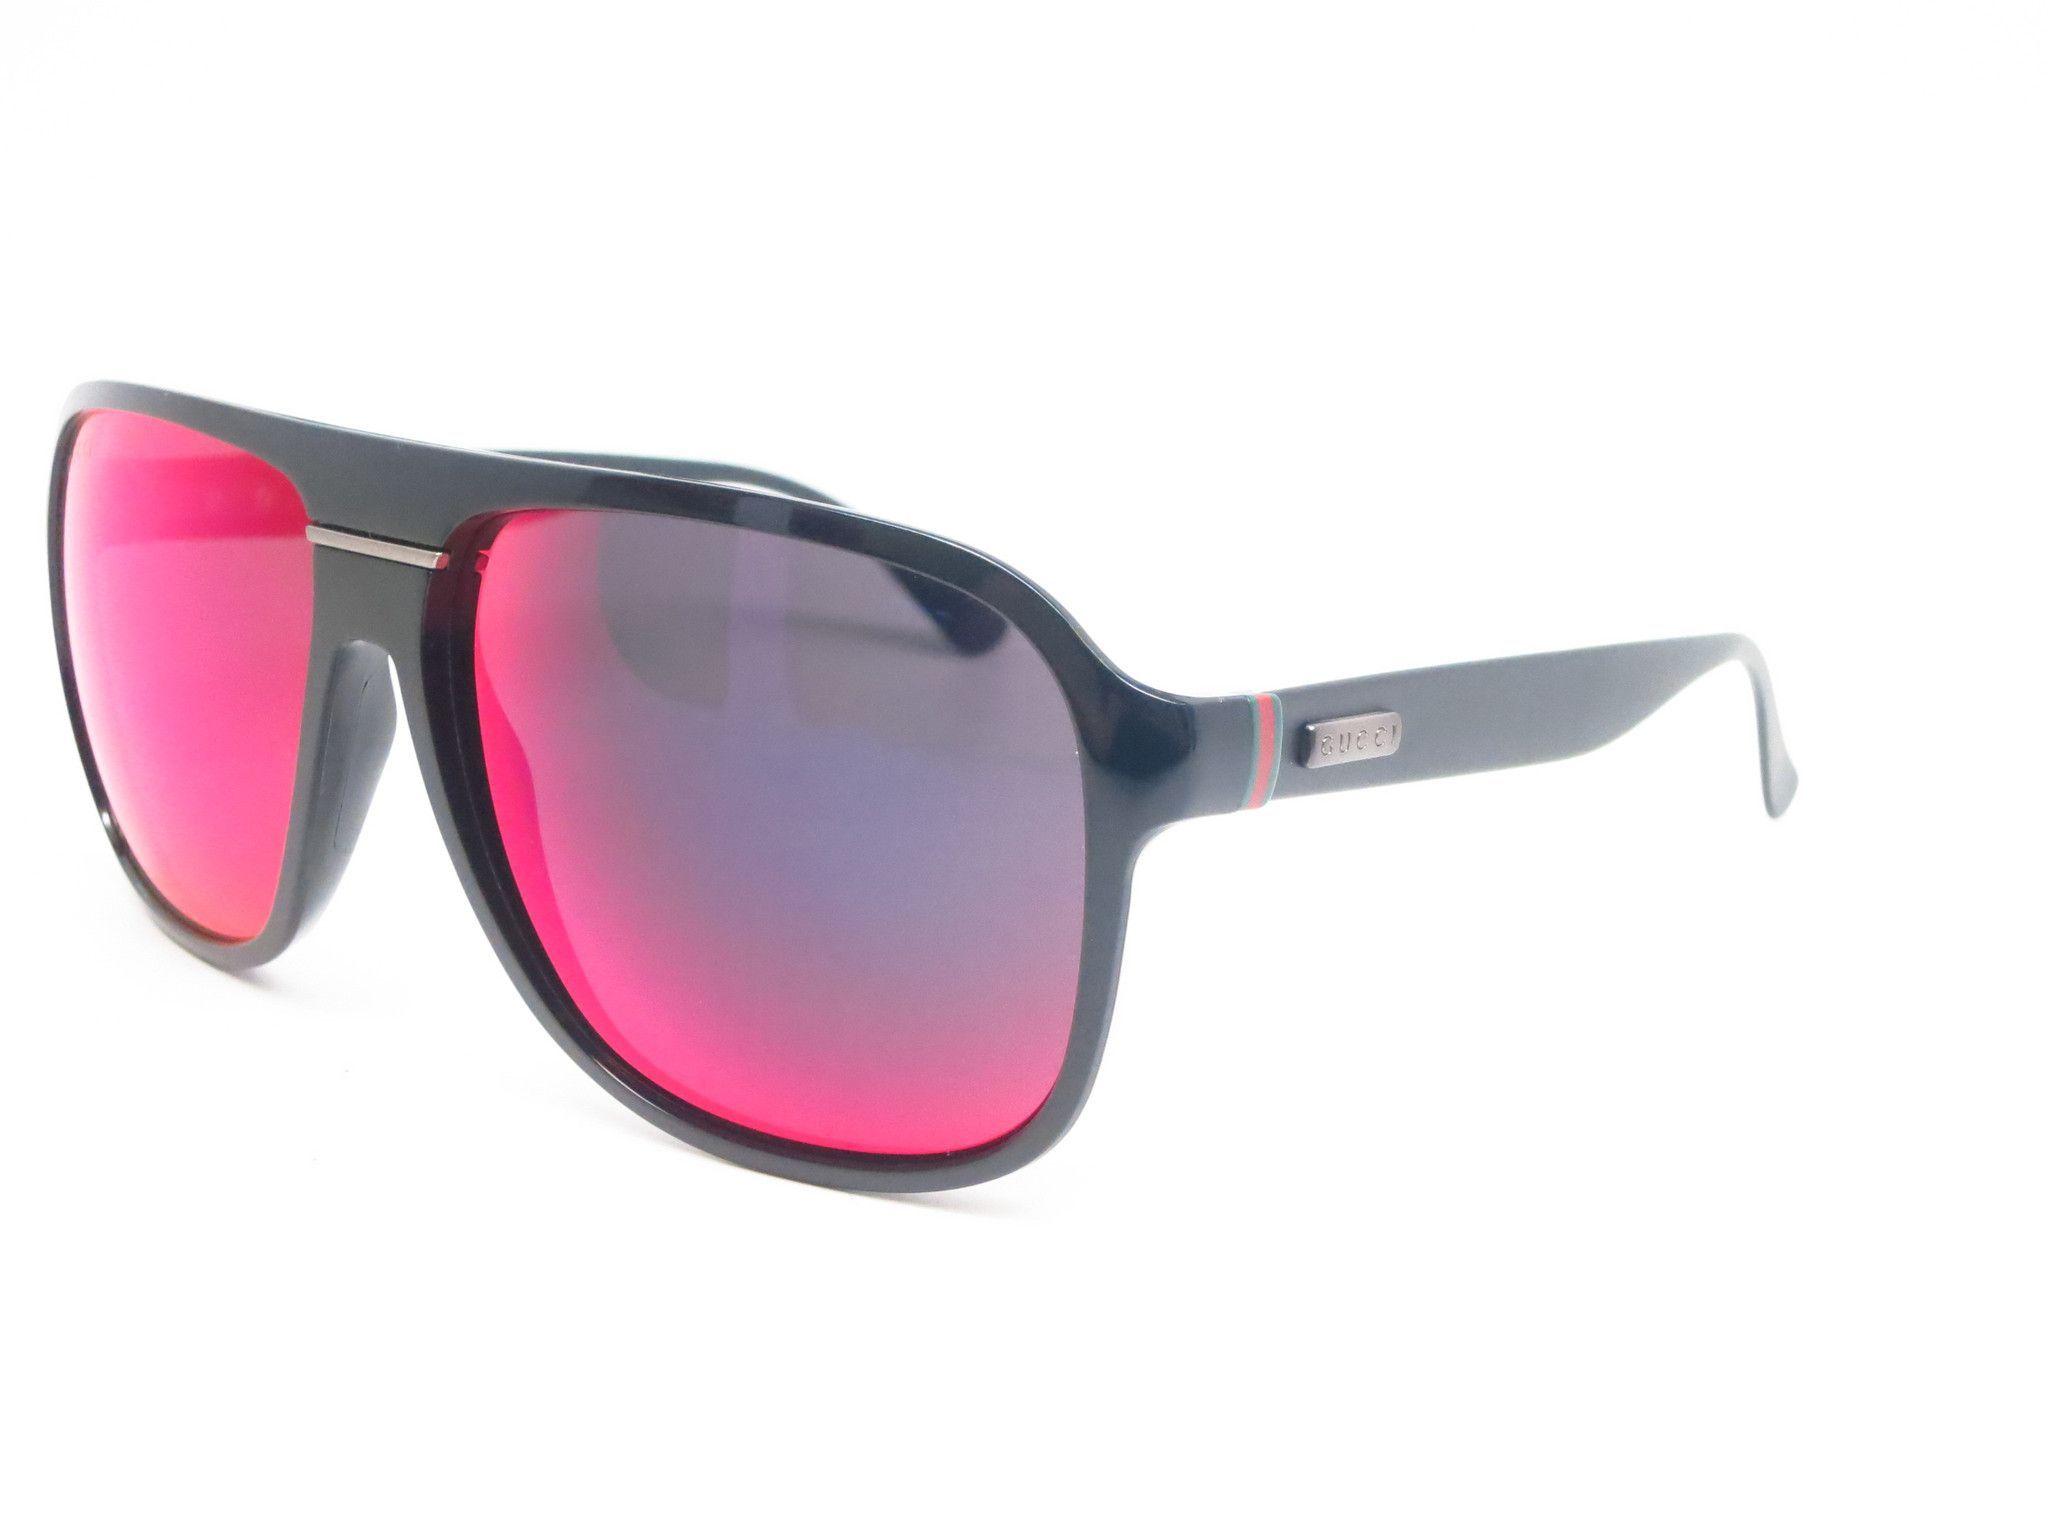 9704b46f71 Gucci GG 1076 GG1076 S Shiny Matte Black GVBMI Sunglasses